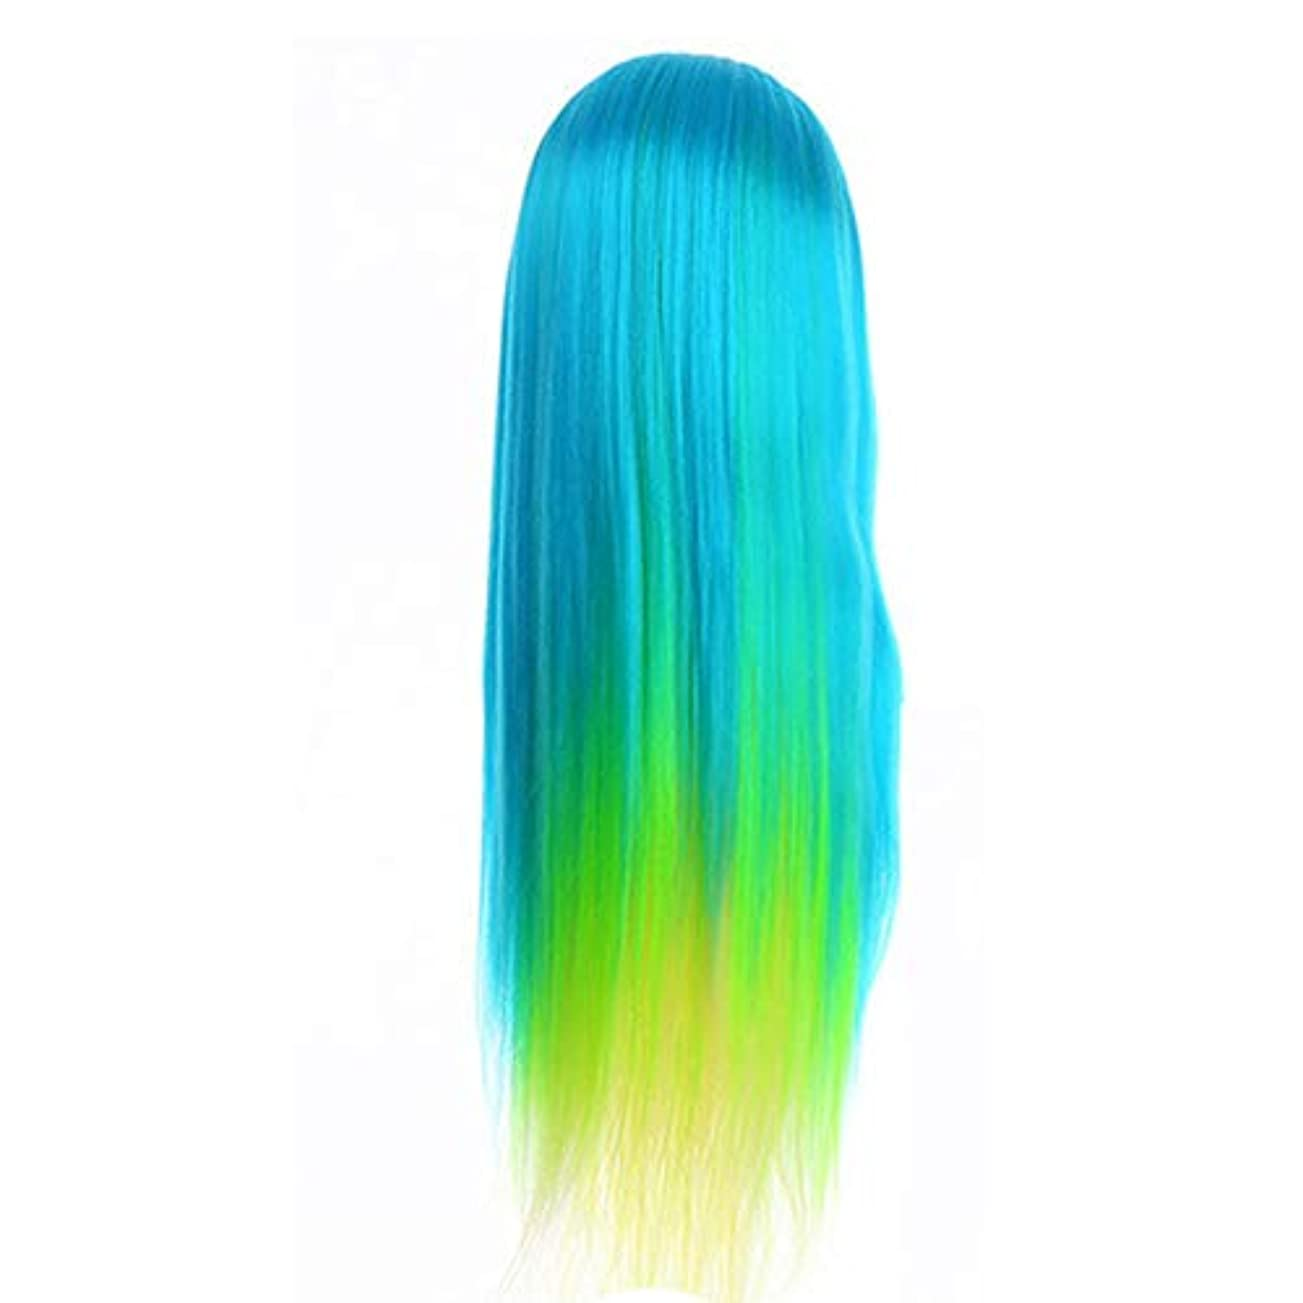 アライアンスいらいらさせるコンプライアンスサロン散髪練習ヘッドモデルメイク学校編組髪開発学習モデルヘッドヘアストレートロングかつら